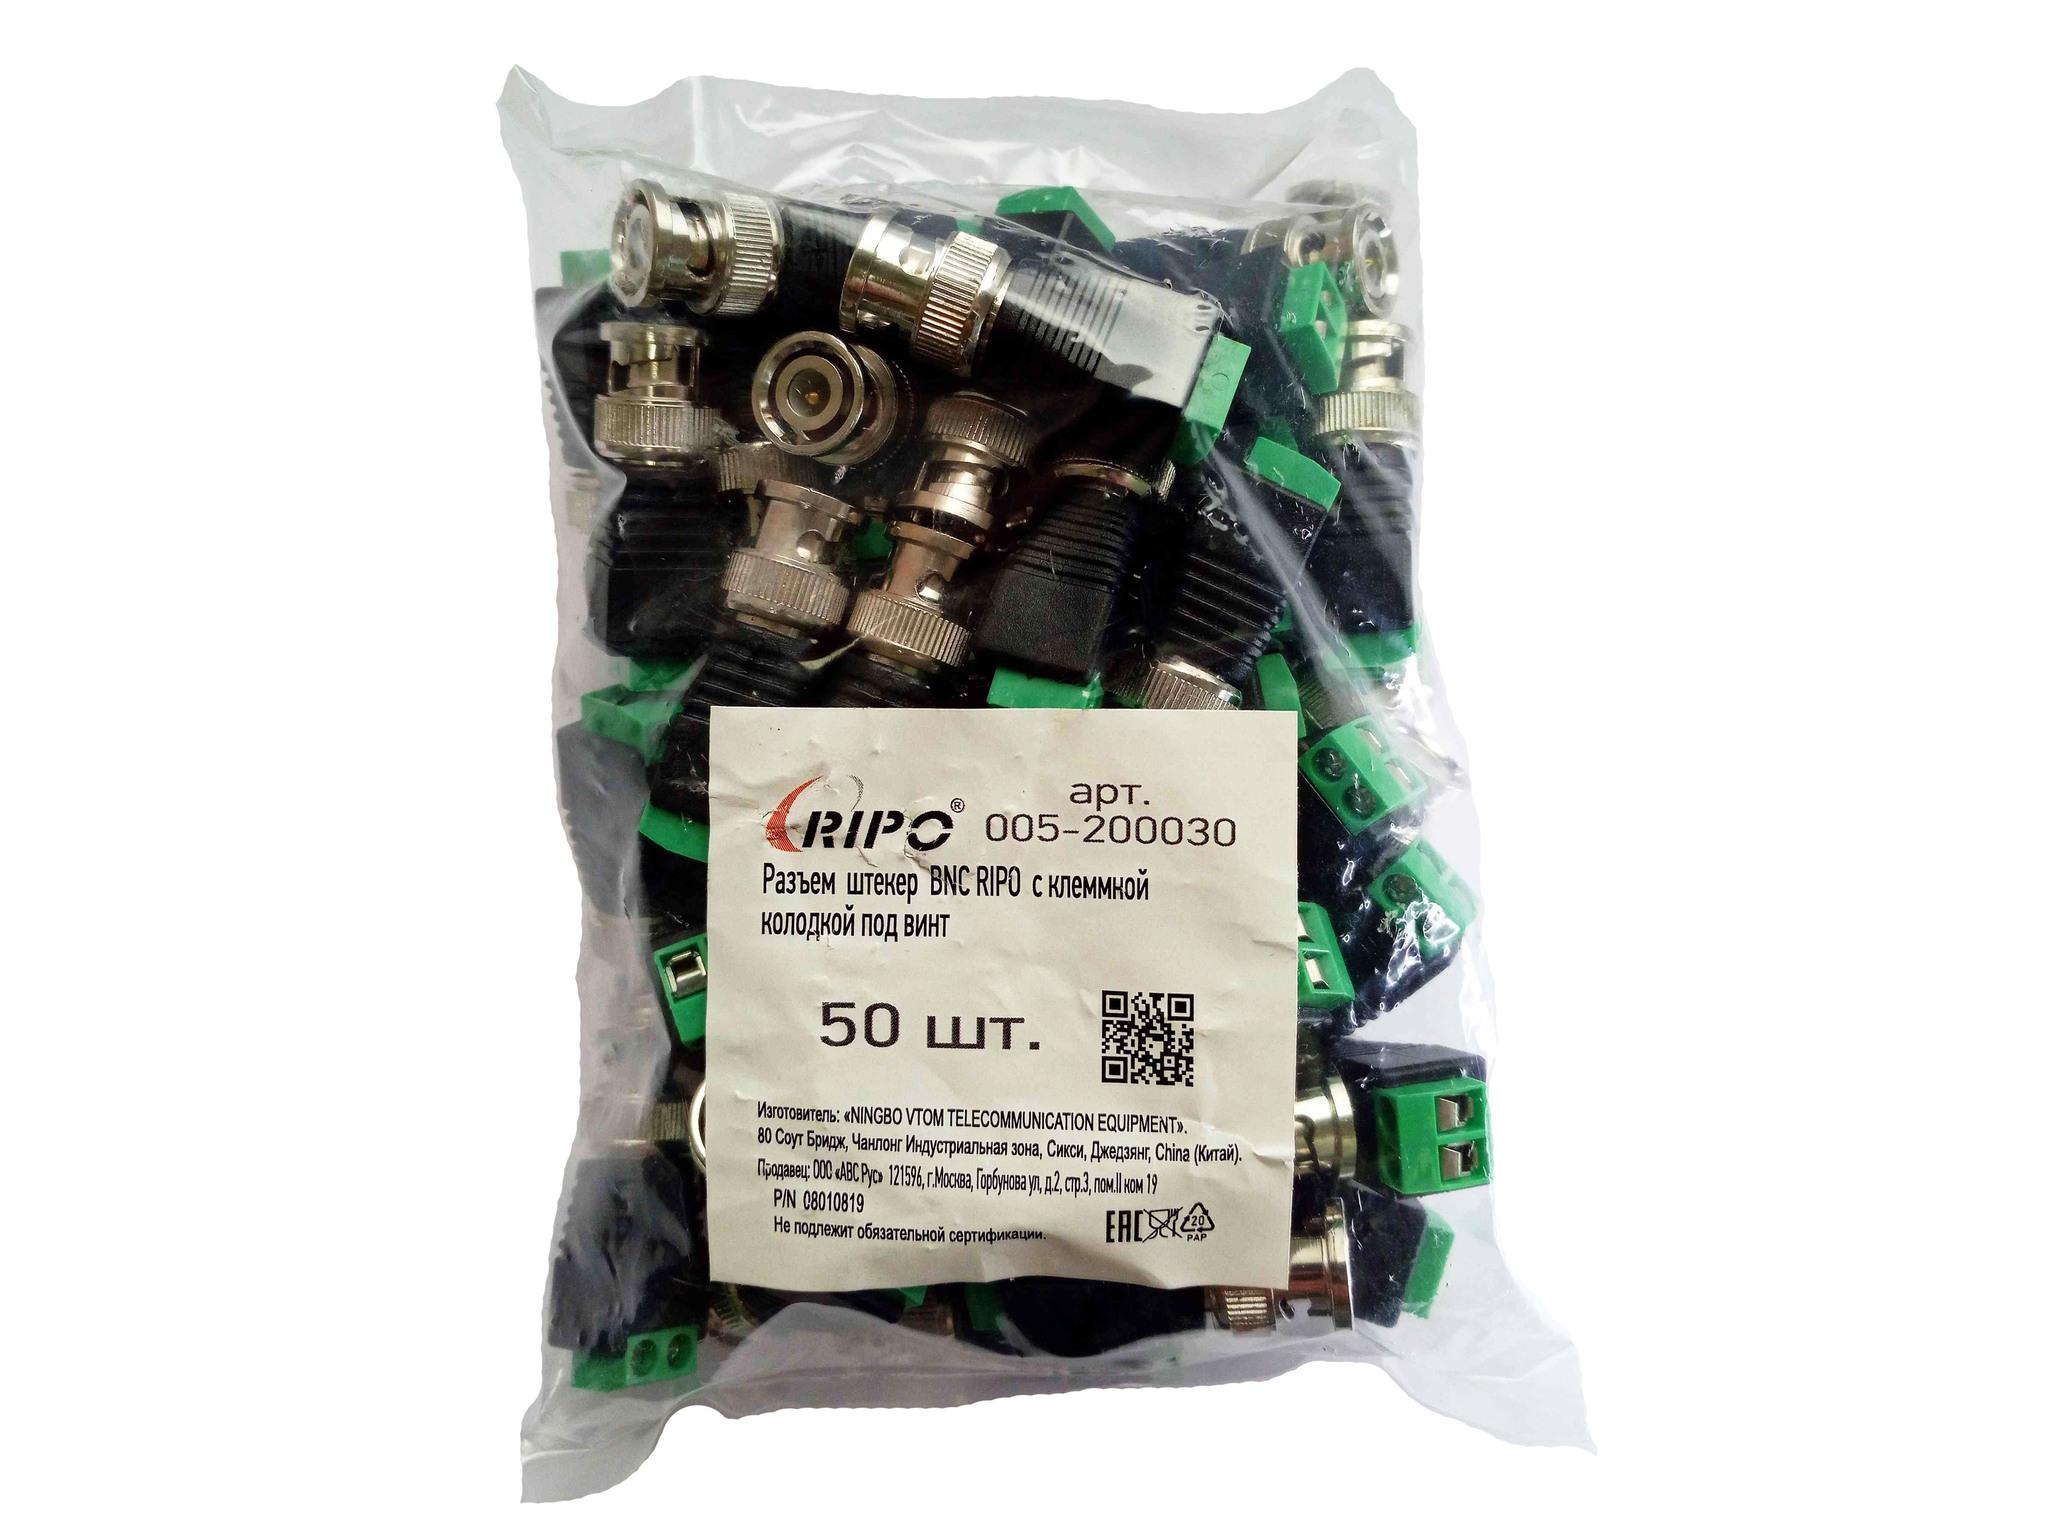 Разъем  штекер  BNC RIPO  с клеммной колодкой под винт купить в интернет-магазине